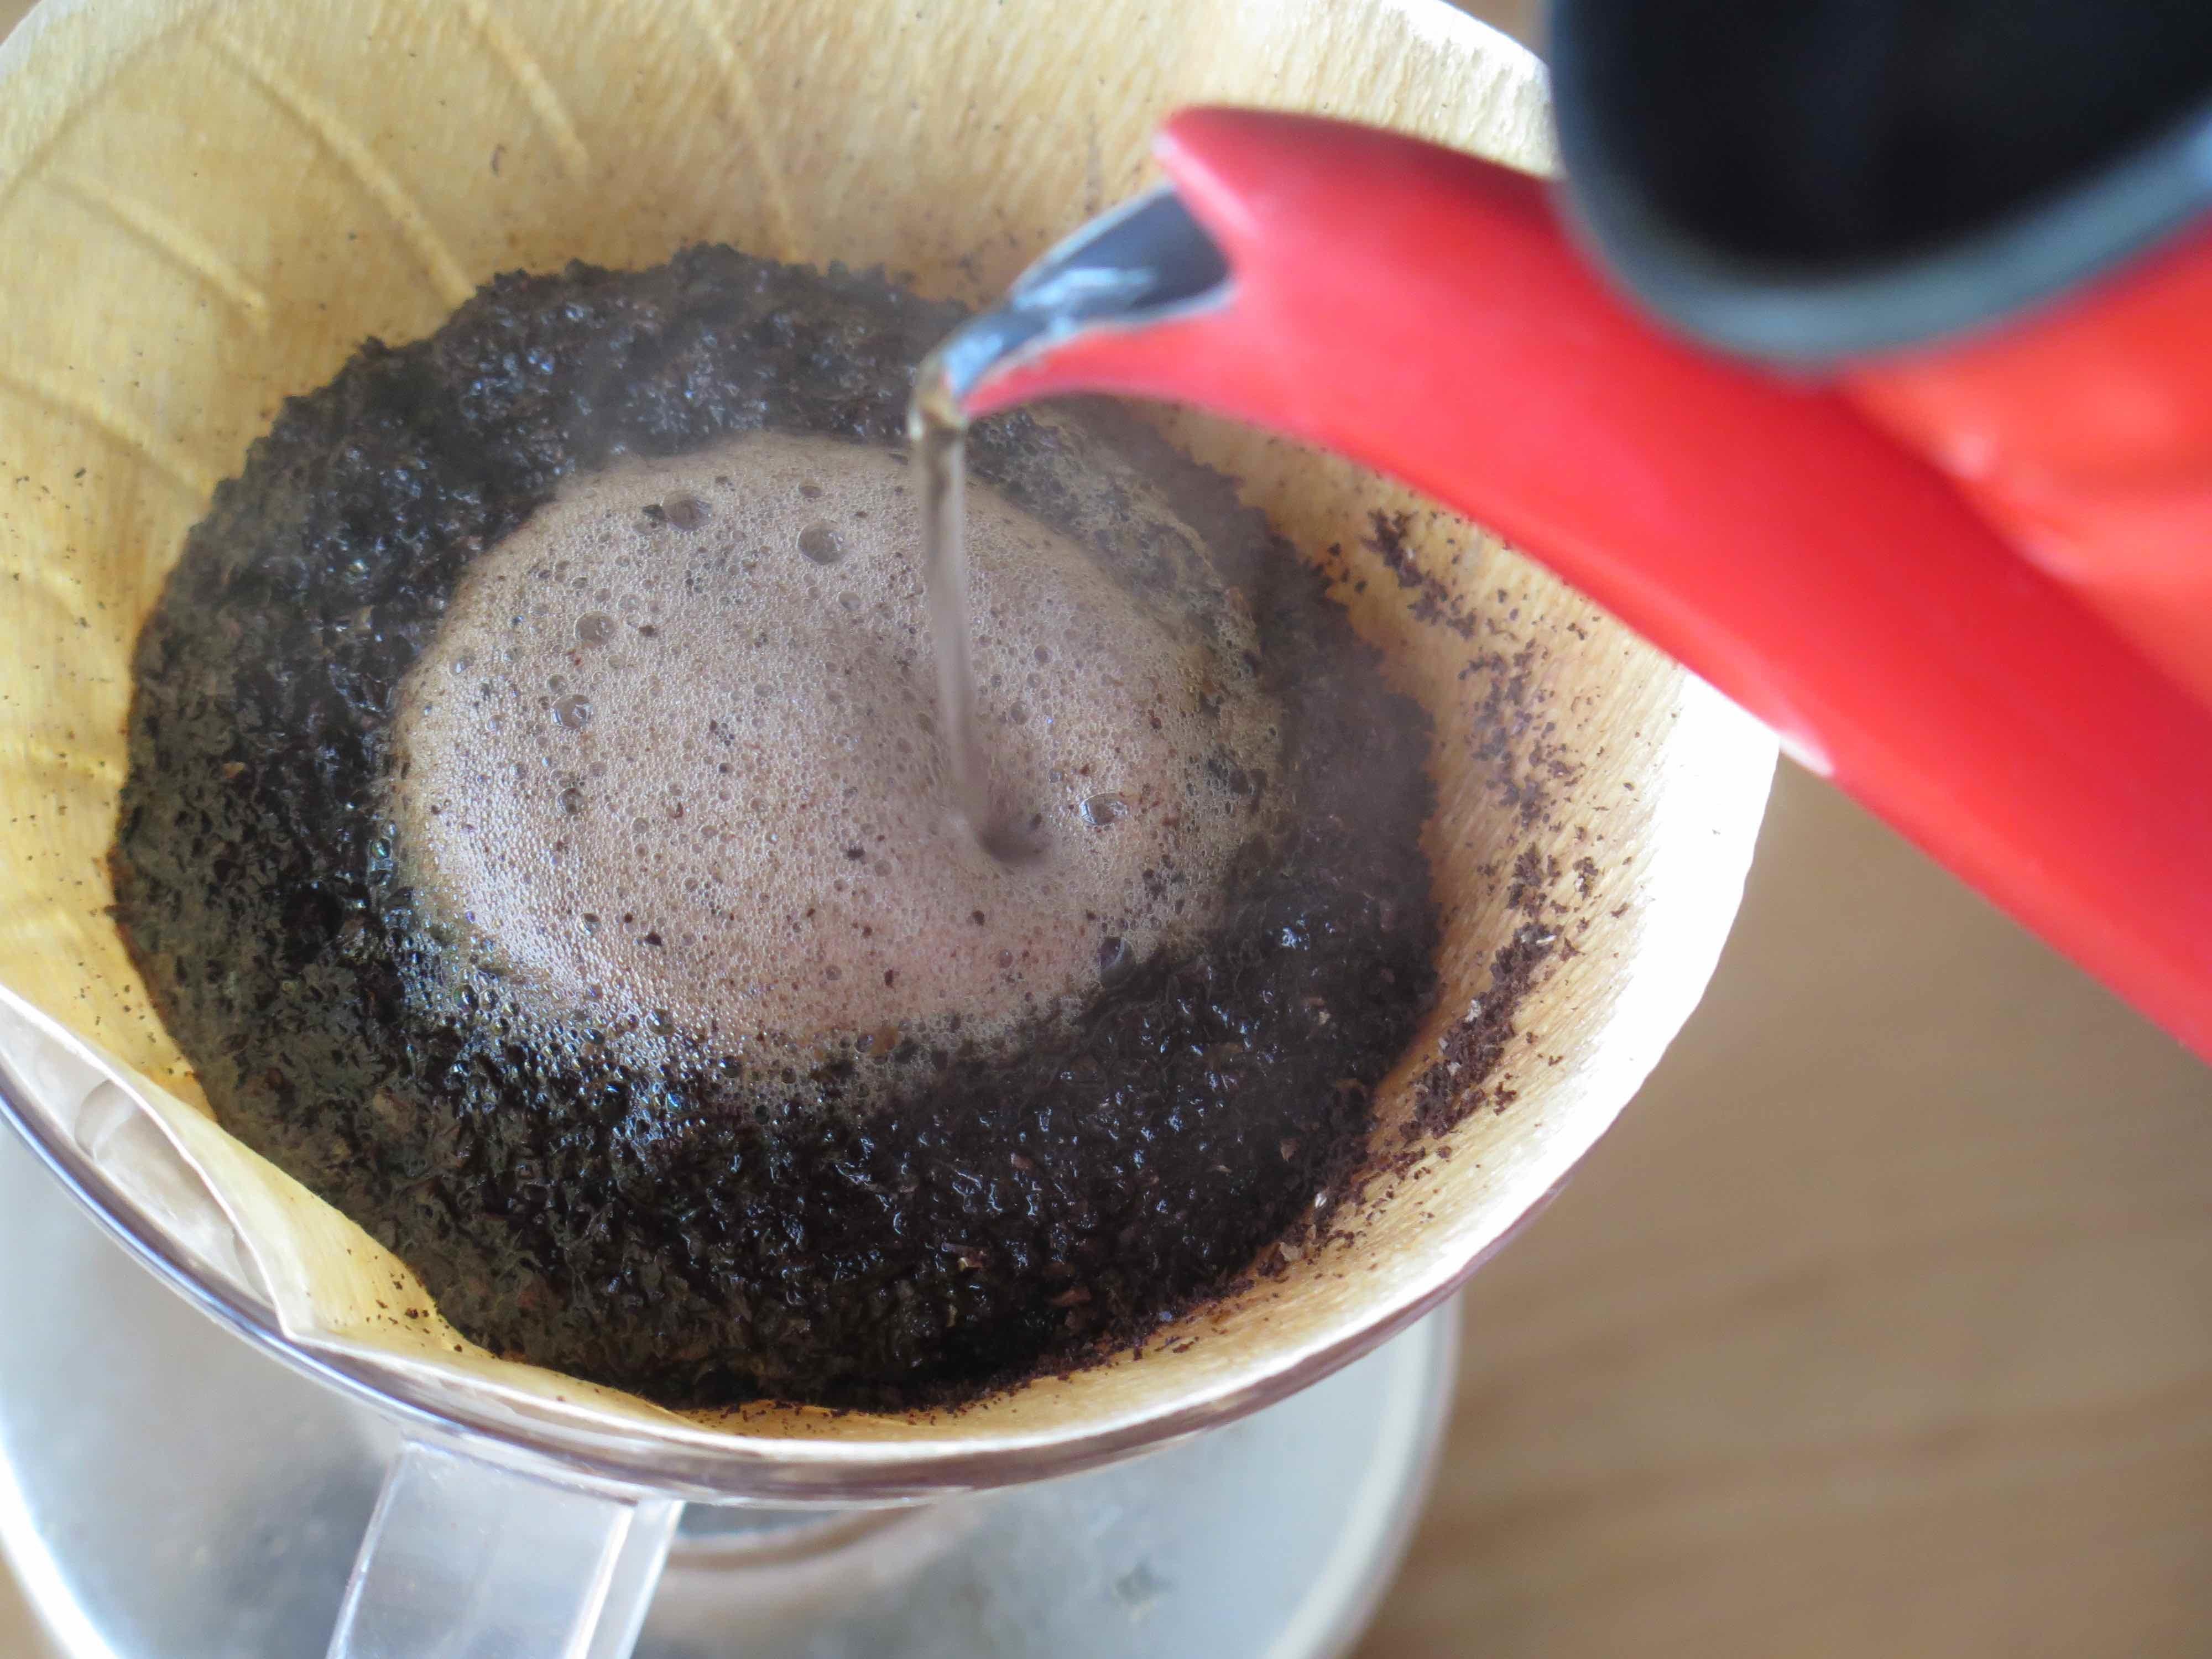 土鍋焙煎デカフェ カフェインレスコーヒー豆 100g - 画像3